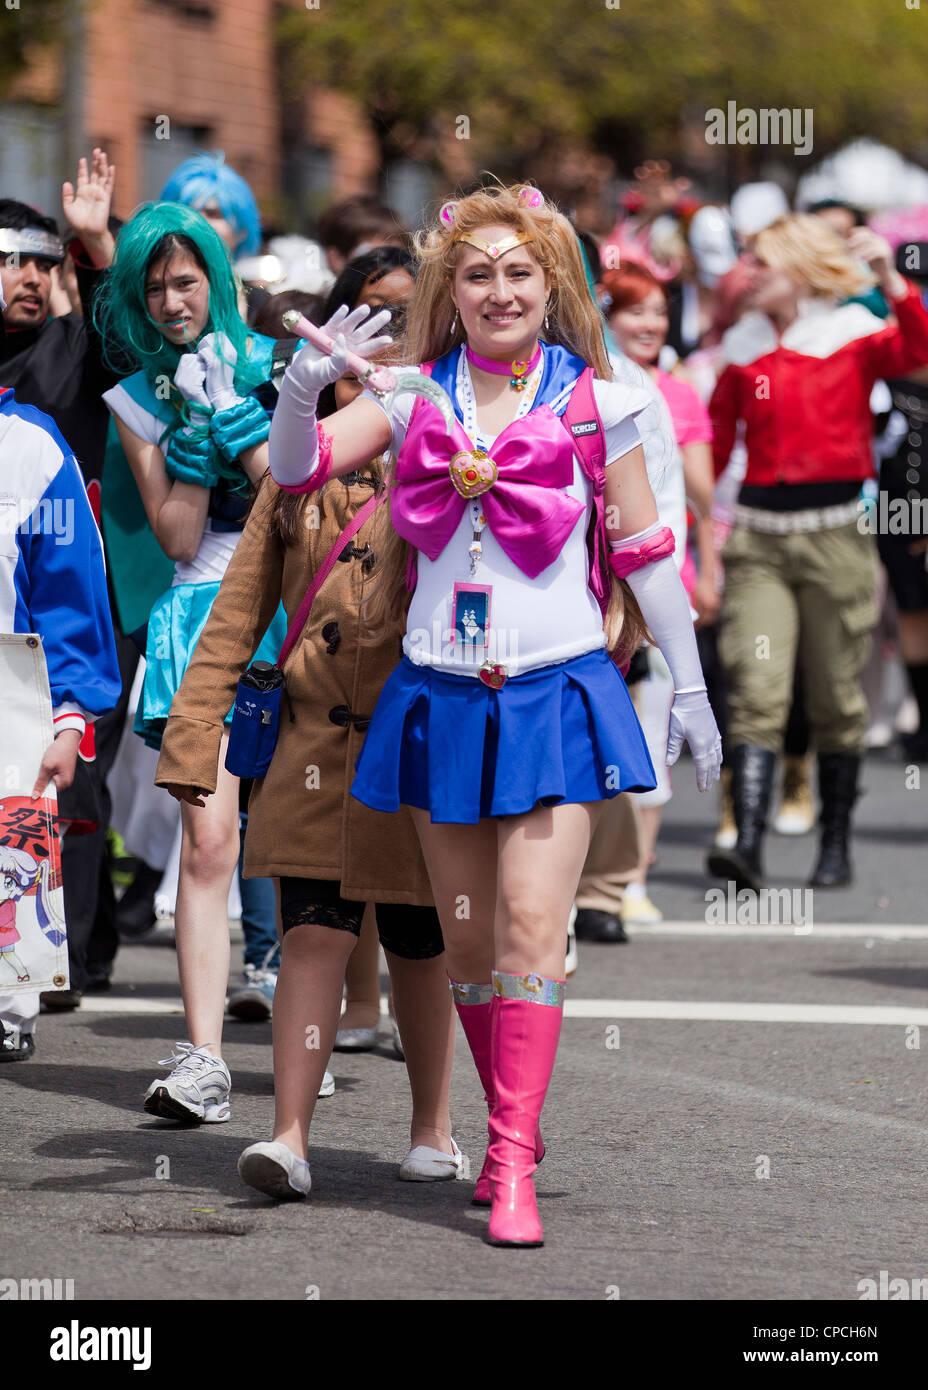 Mujer caucásica en Sailor Moon en Cosplay disfraces - San Francisco, California, EE.UU. Imagen De Stock